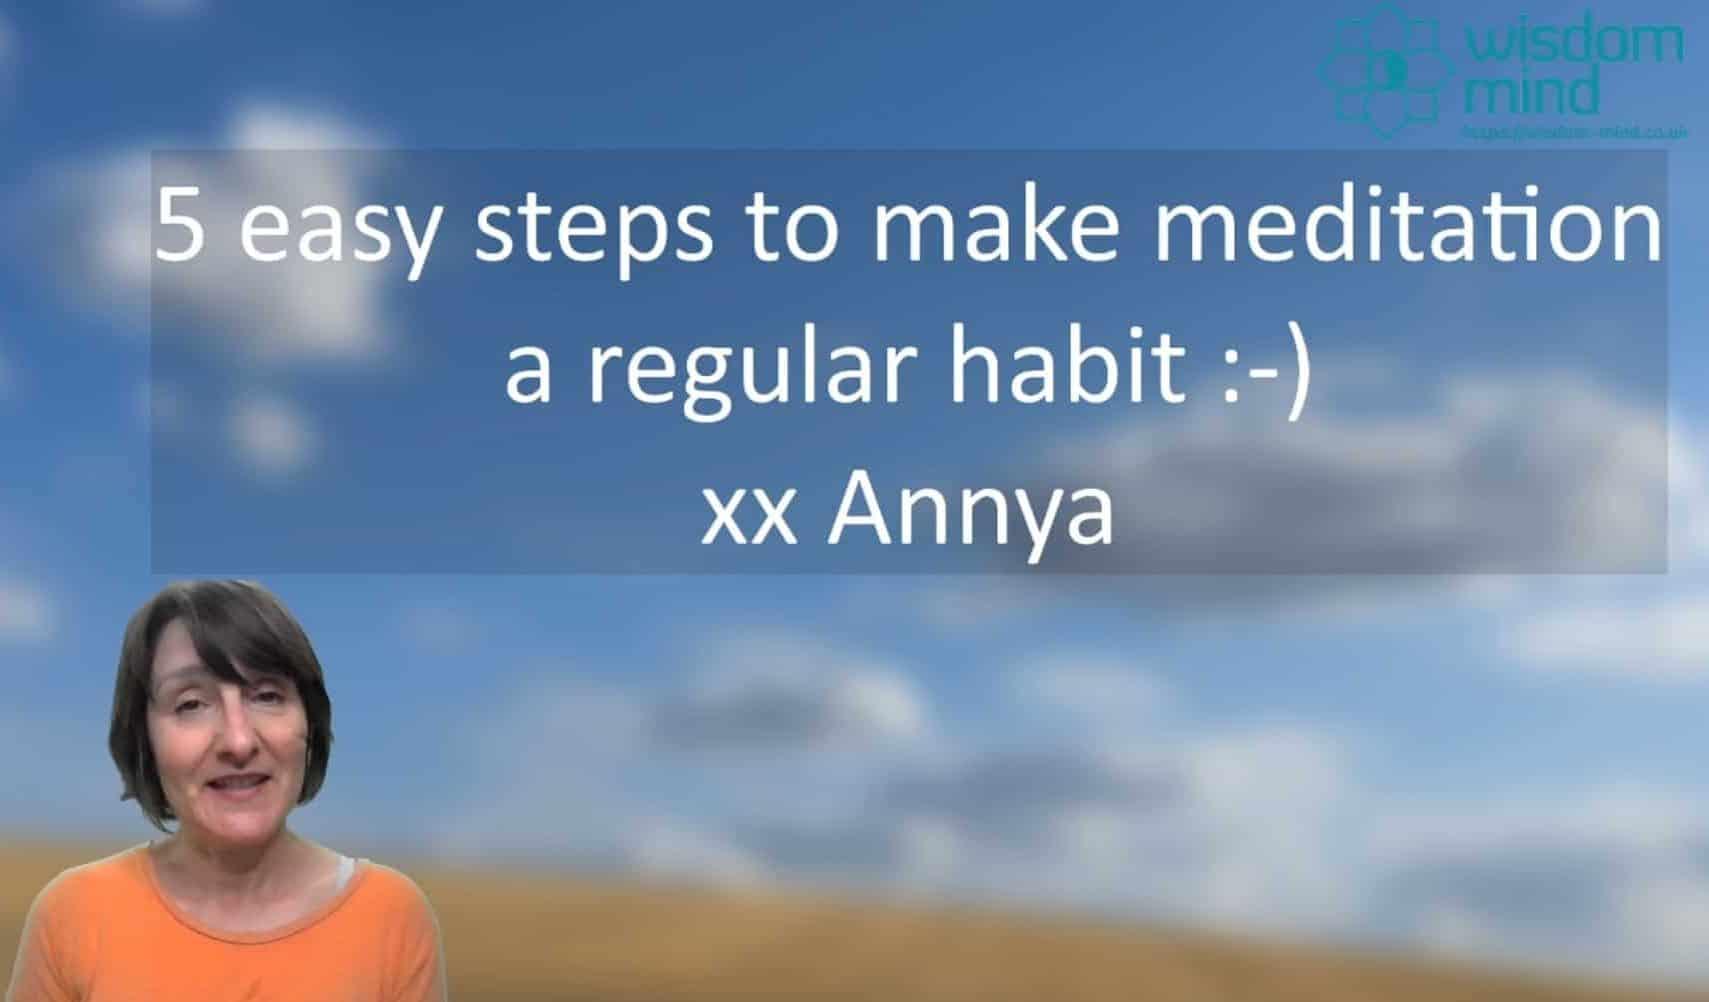 Five steps to making meditation a regular habit